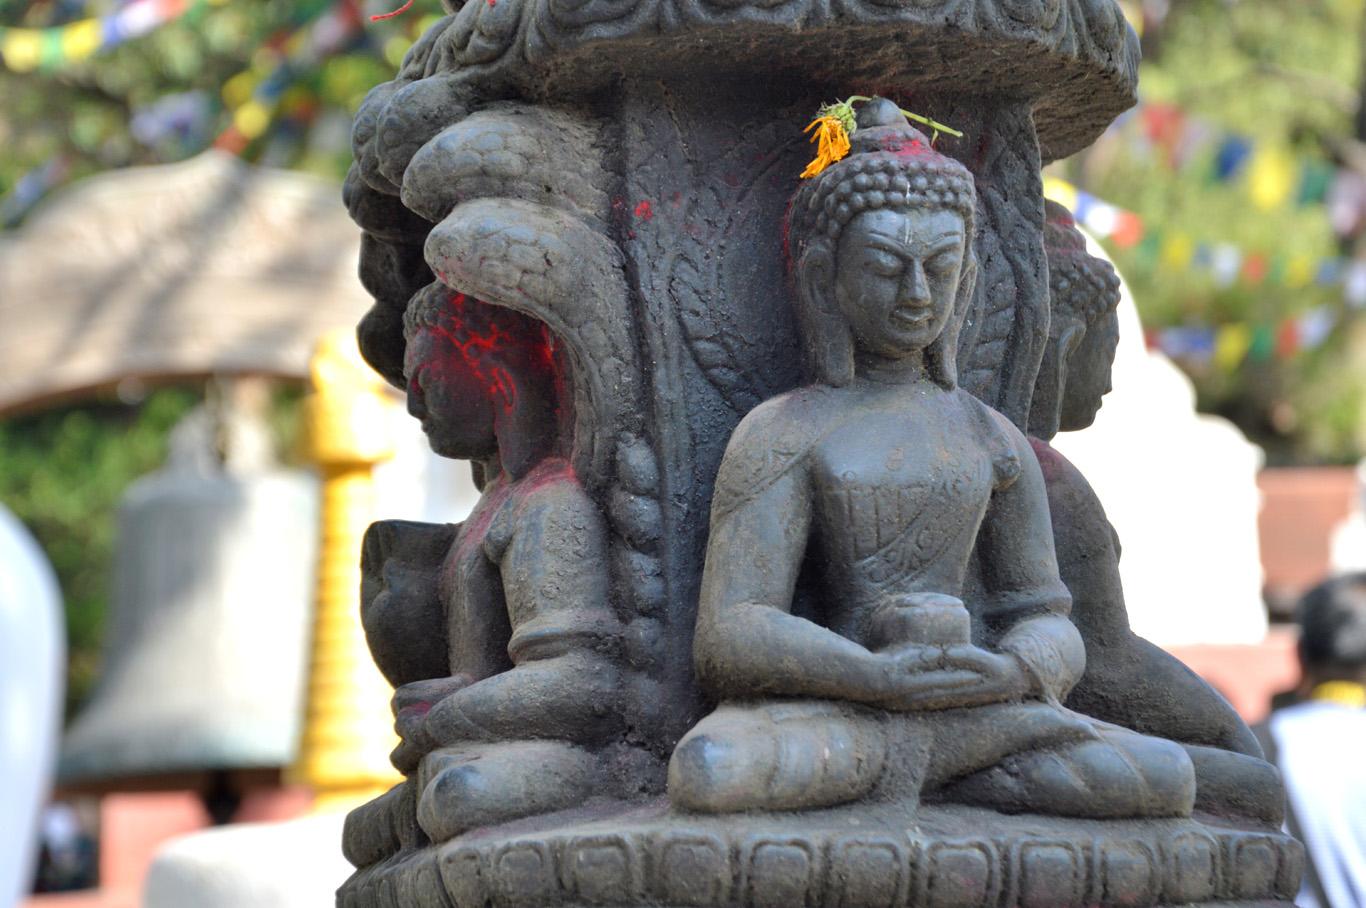 Swayambhu Stupa - Buddha statues